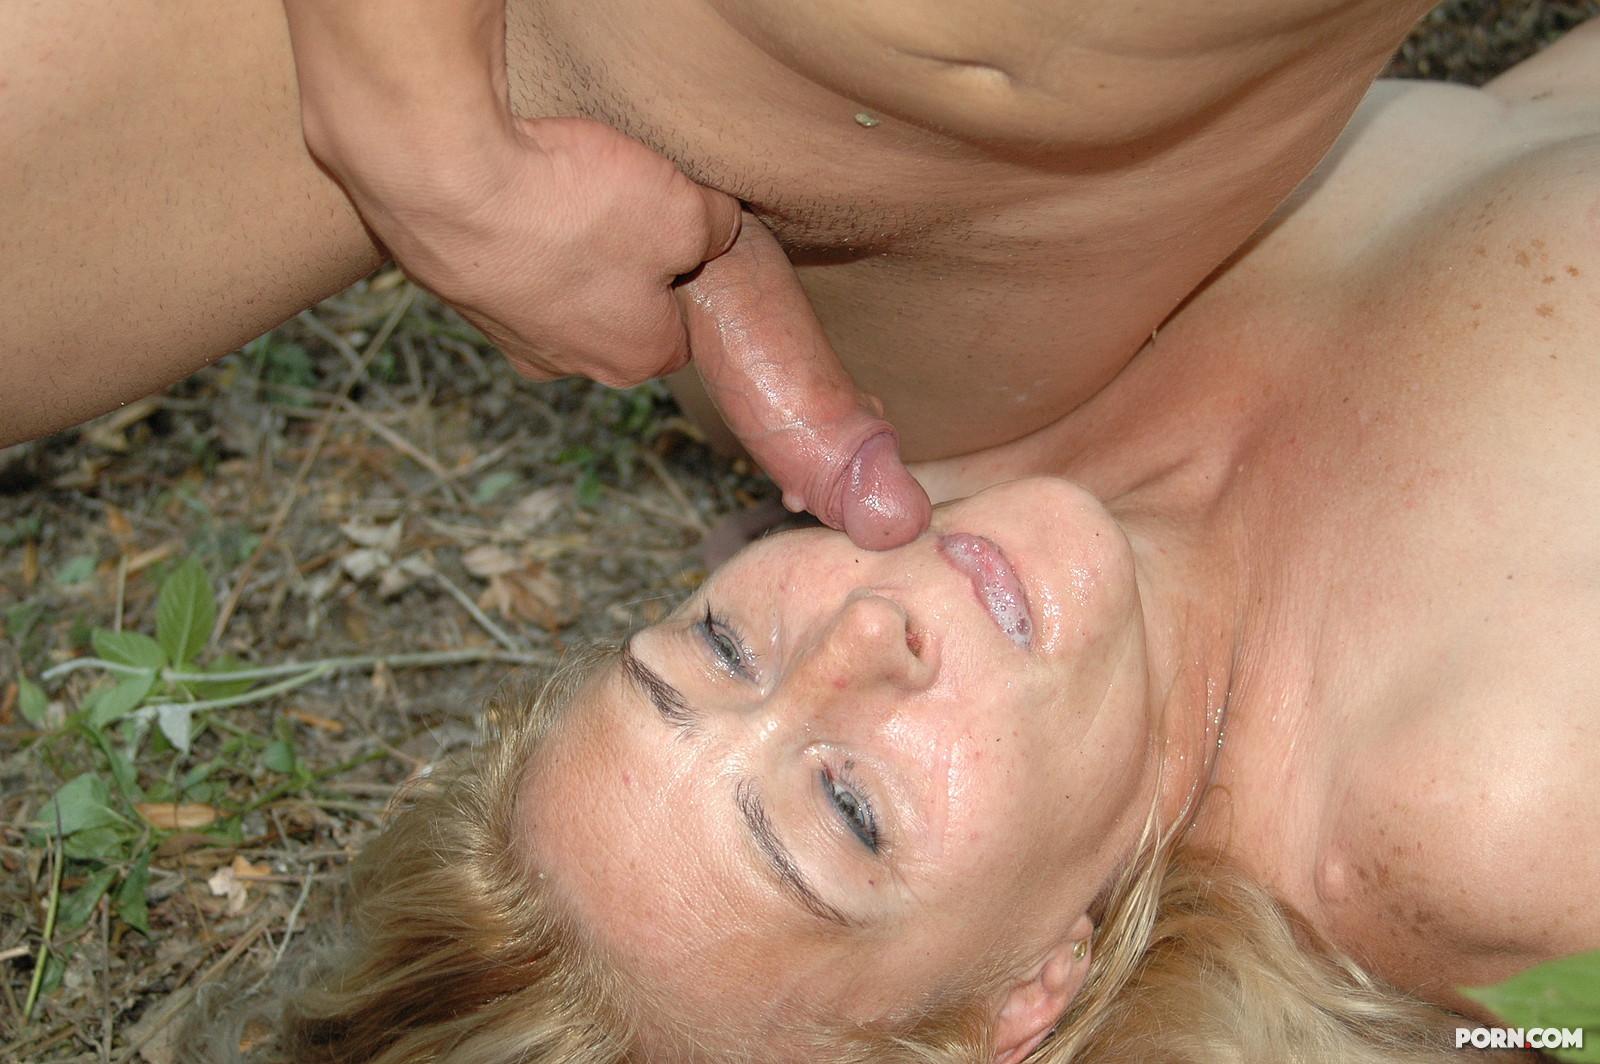 голые зрелые женщины занимаются сексом